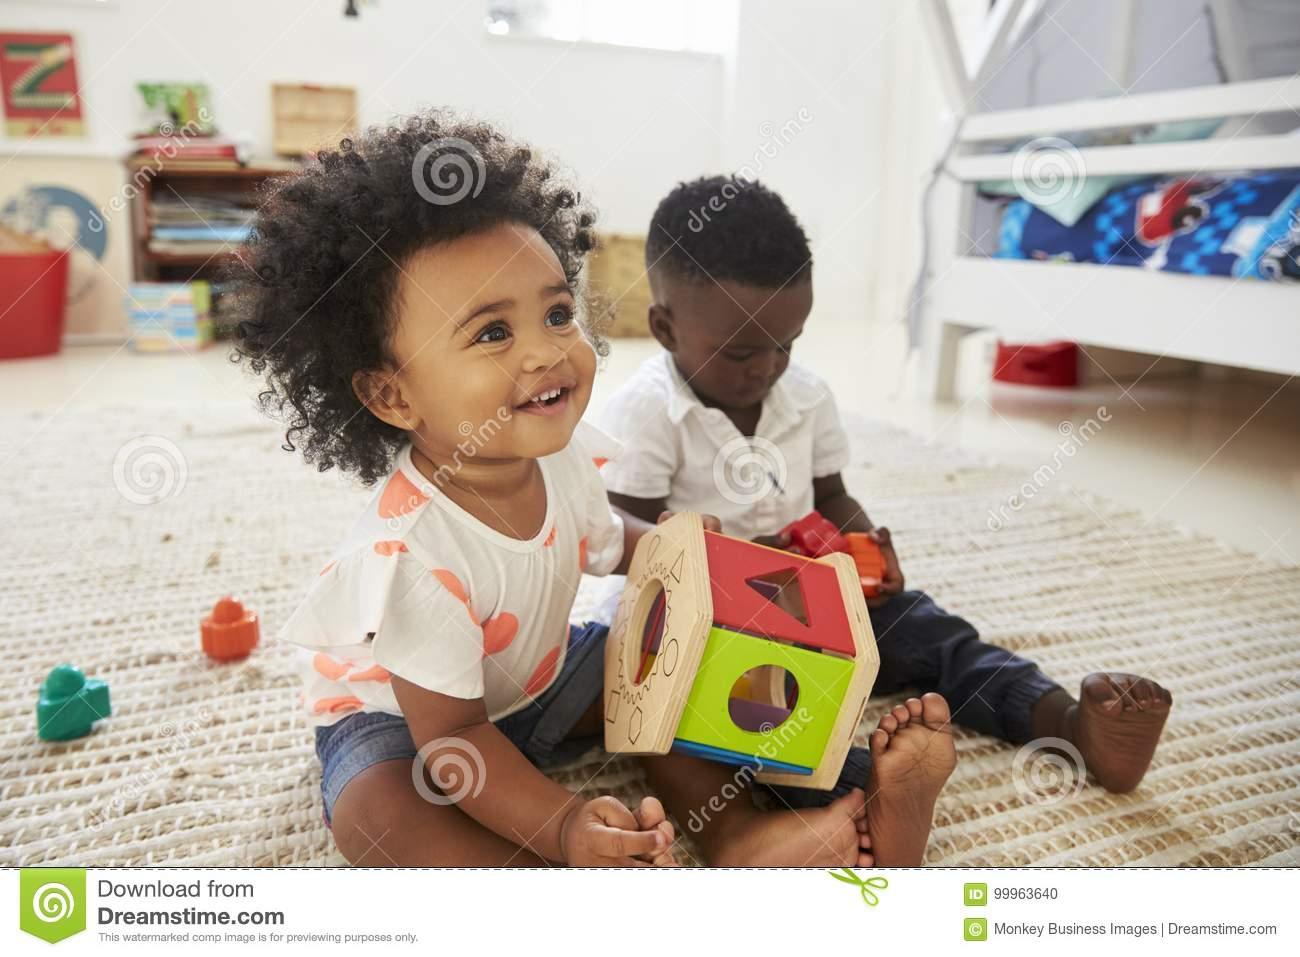 Bébé Garçon Et Fille Jouant Avec Des Jouets Dans La Salle De à Jeux Bebe Fille